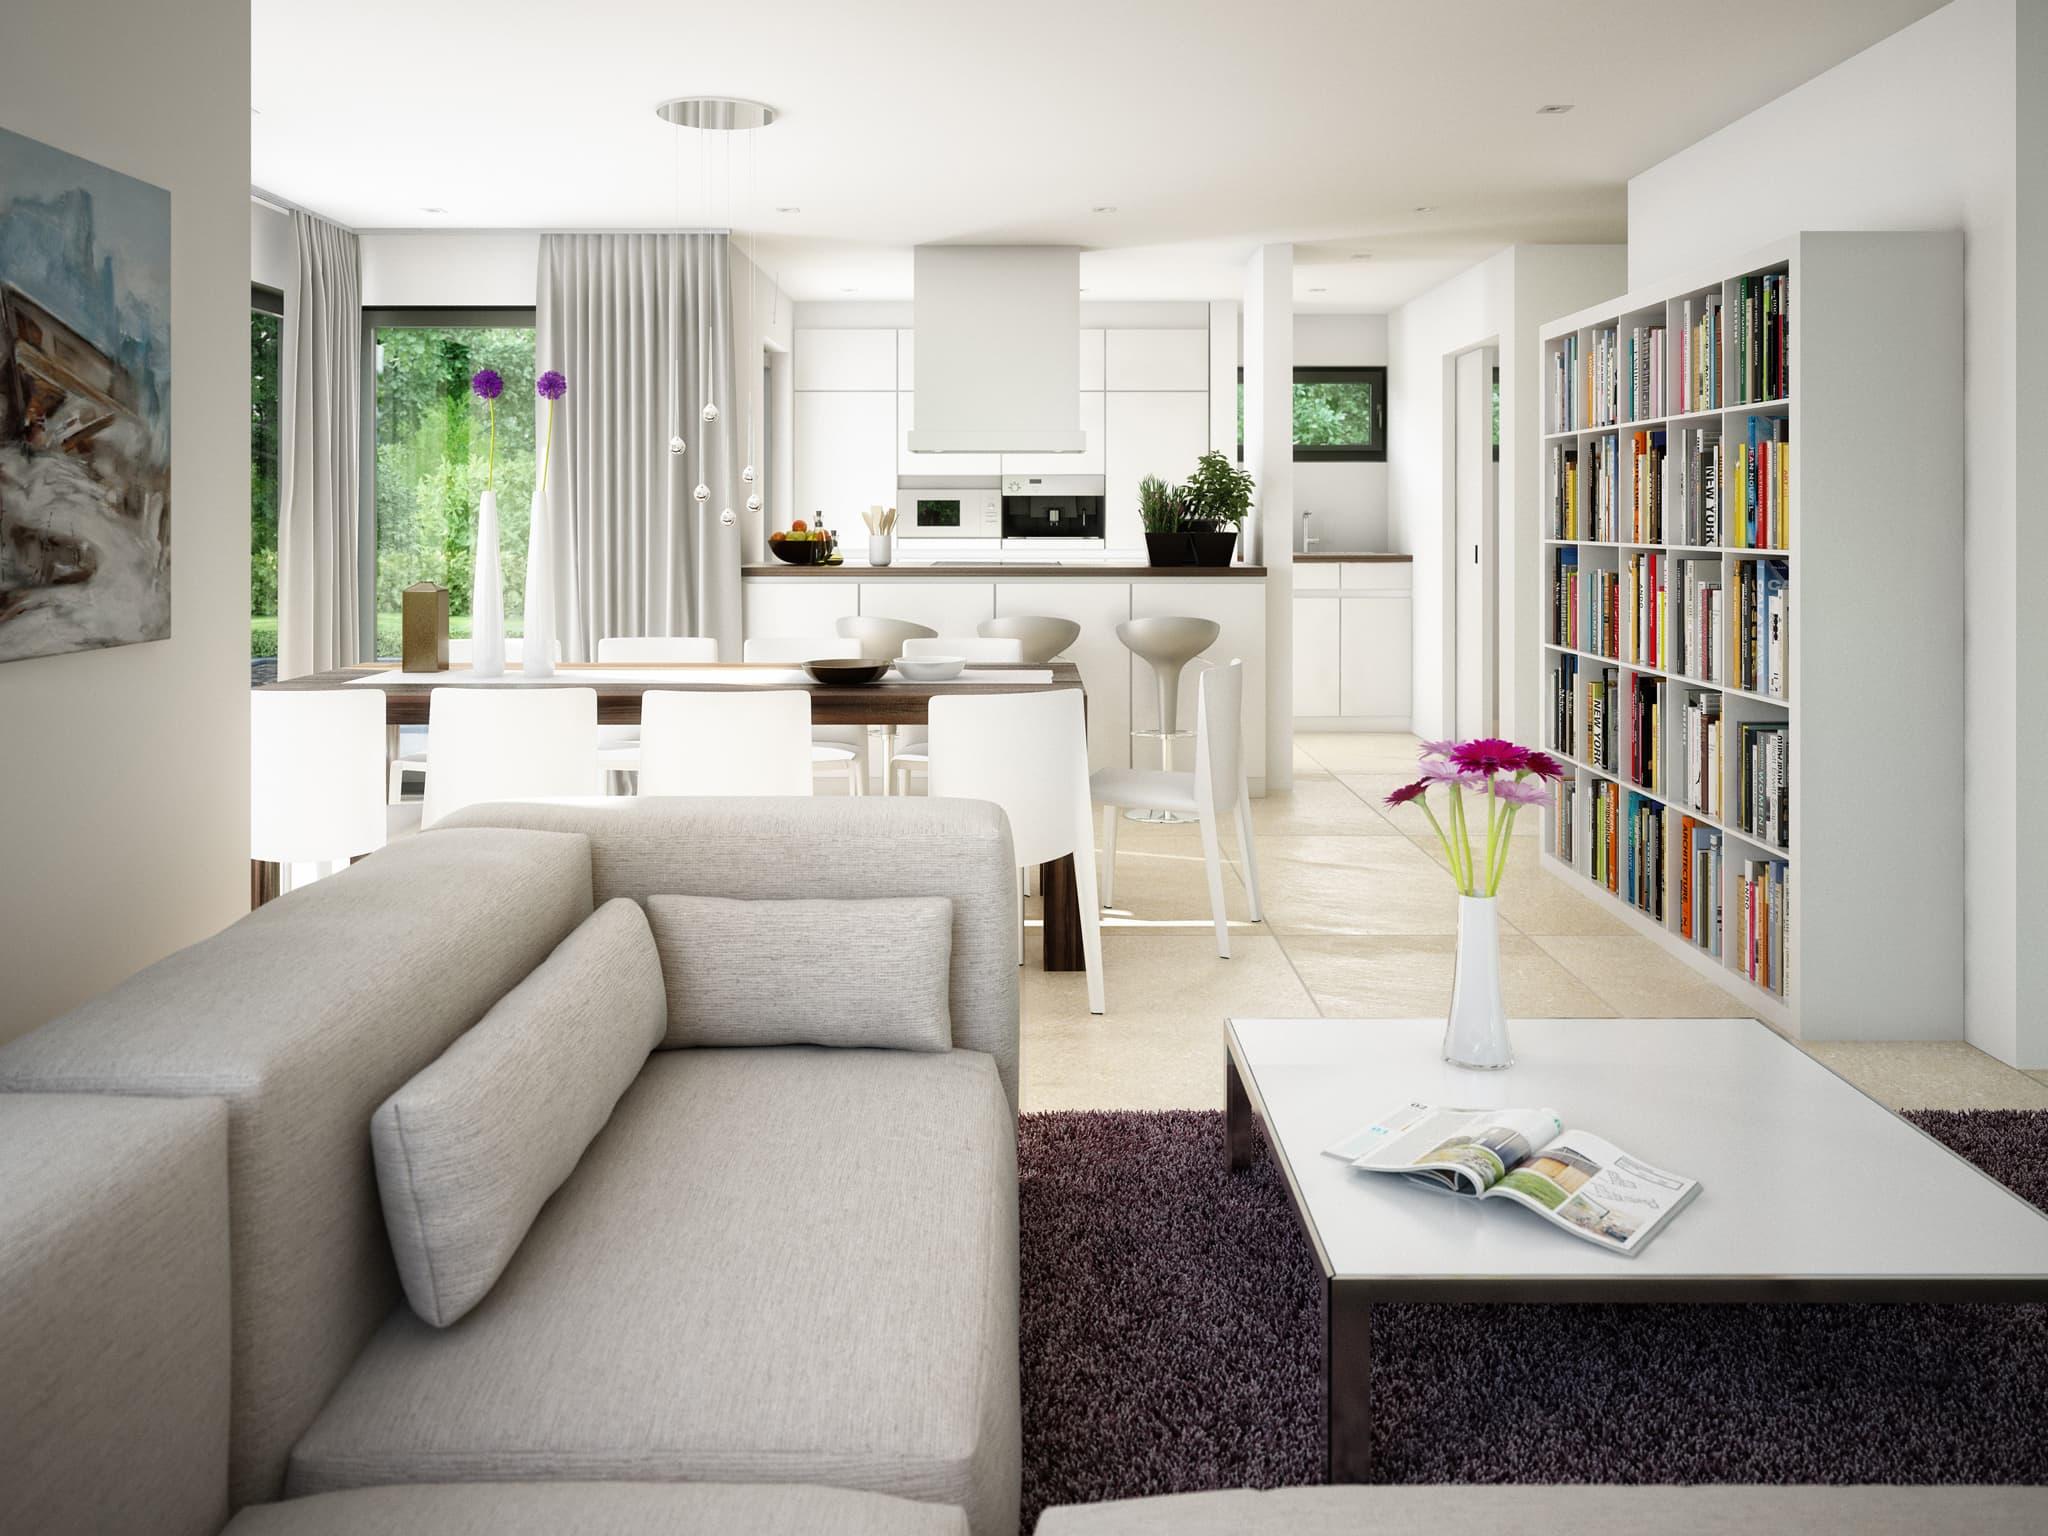 Wohnzimmer Ideen - Inneneinrichtung Einfamilienhaus Bien-Zenker Fertighaus CONCEPT-M Muenchen - HausbauDirekt.de